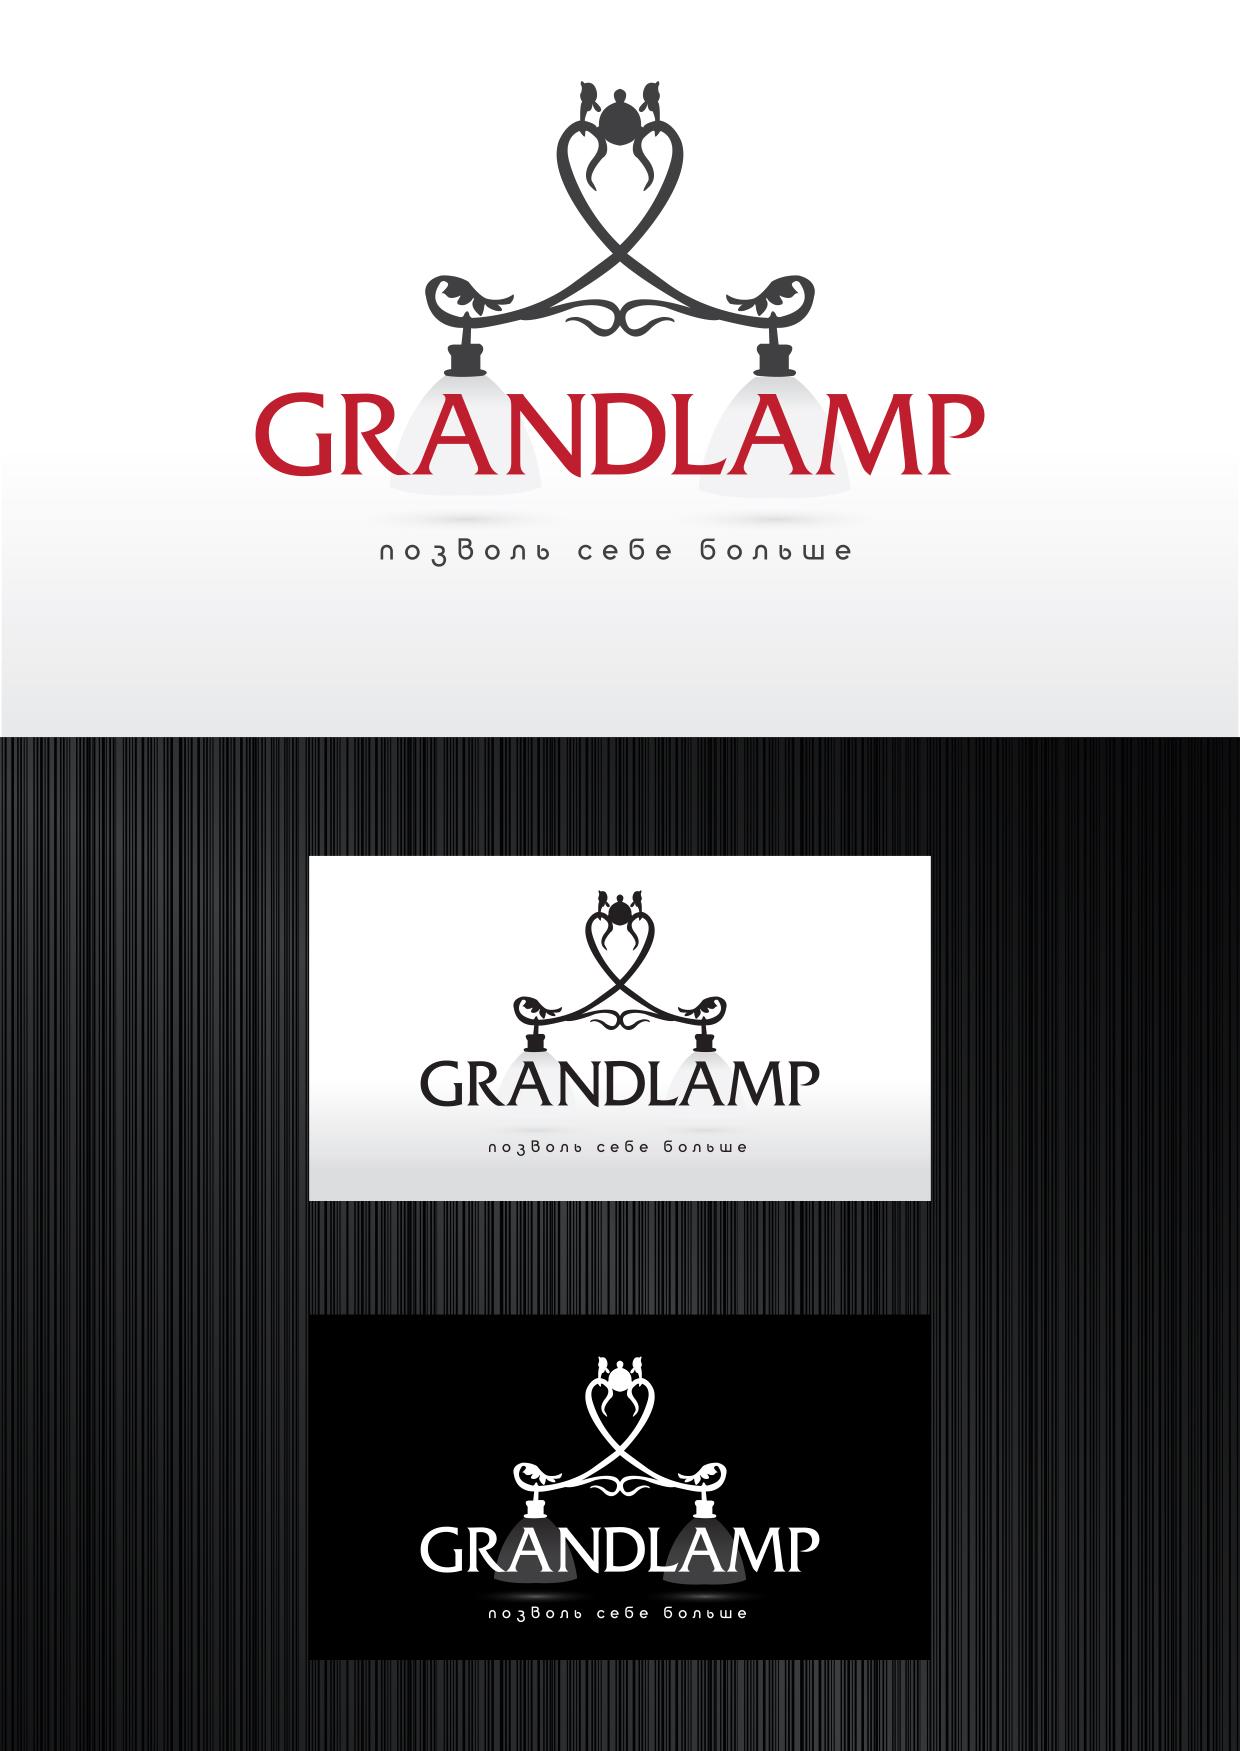 Разработка логотипа и элементов фирменного стиля фото f_44457ebbfb85cee4.jpg